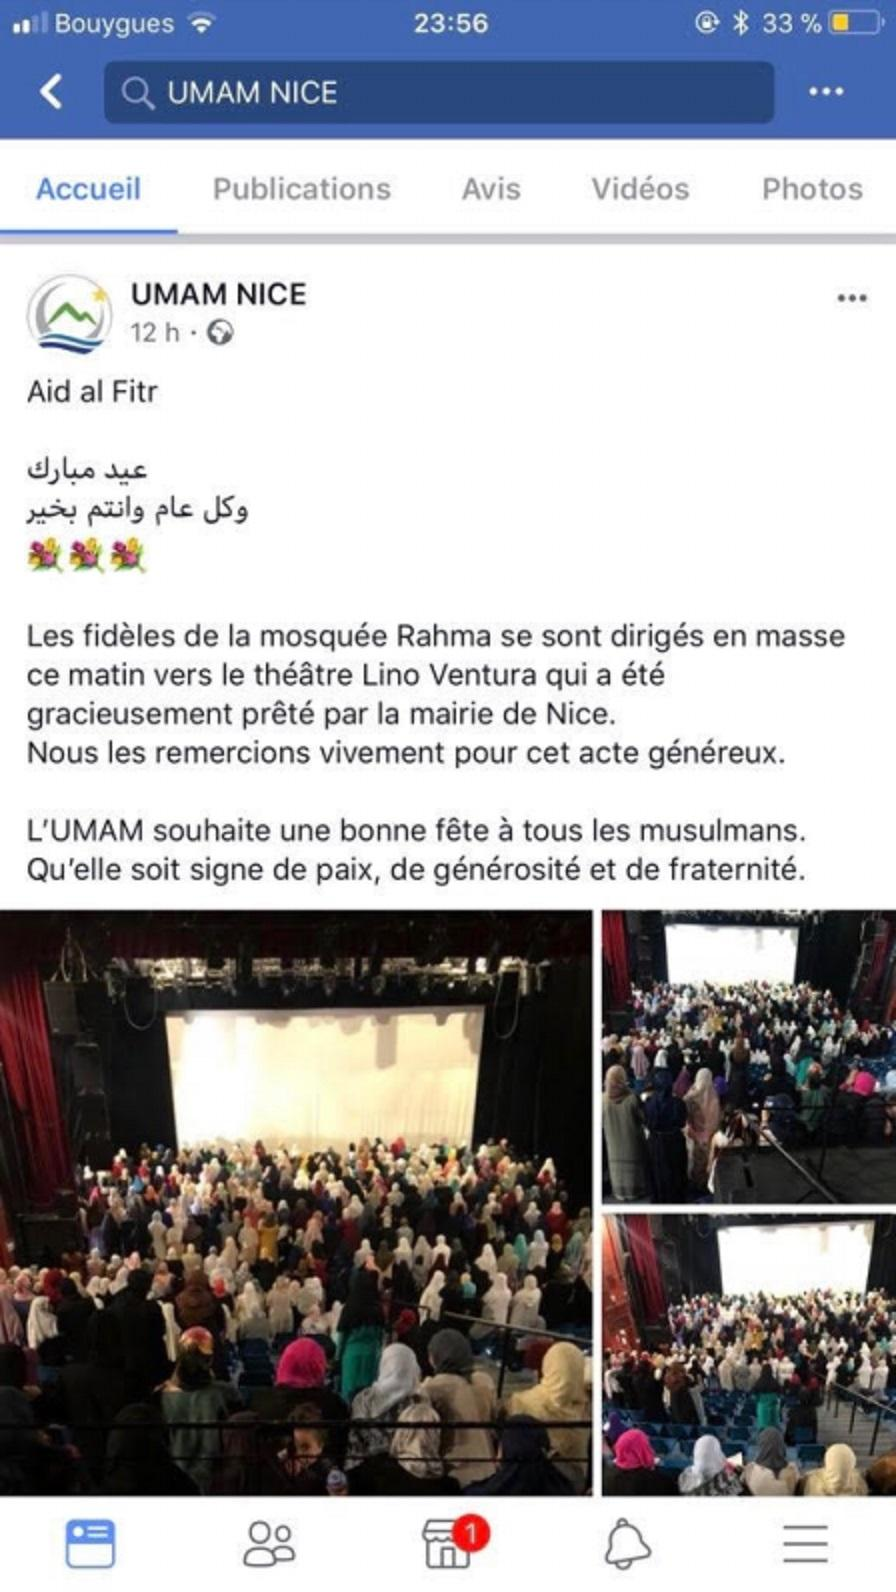 Le message de remerciement posté à l'origine par l'Umam et une photo de la prière sur le parking diffusée, elle aussi, sur la page Facebook de cette organisation musulmane.(D. R.)